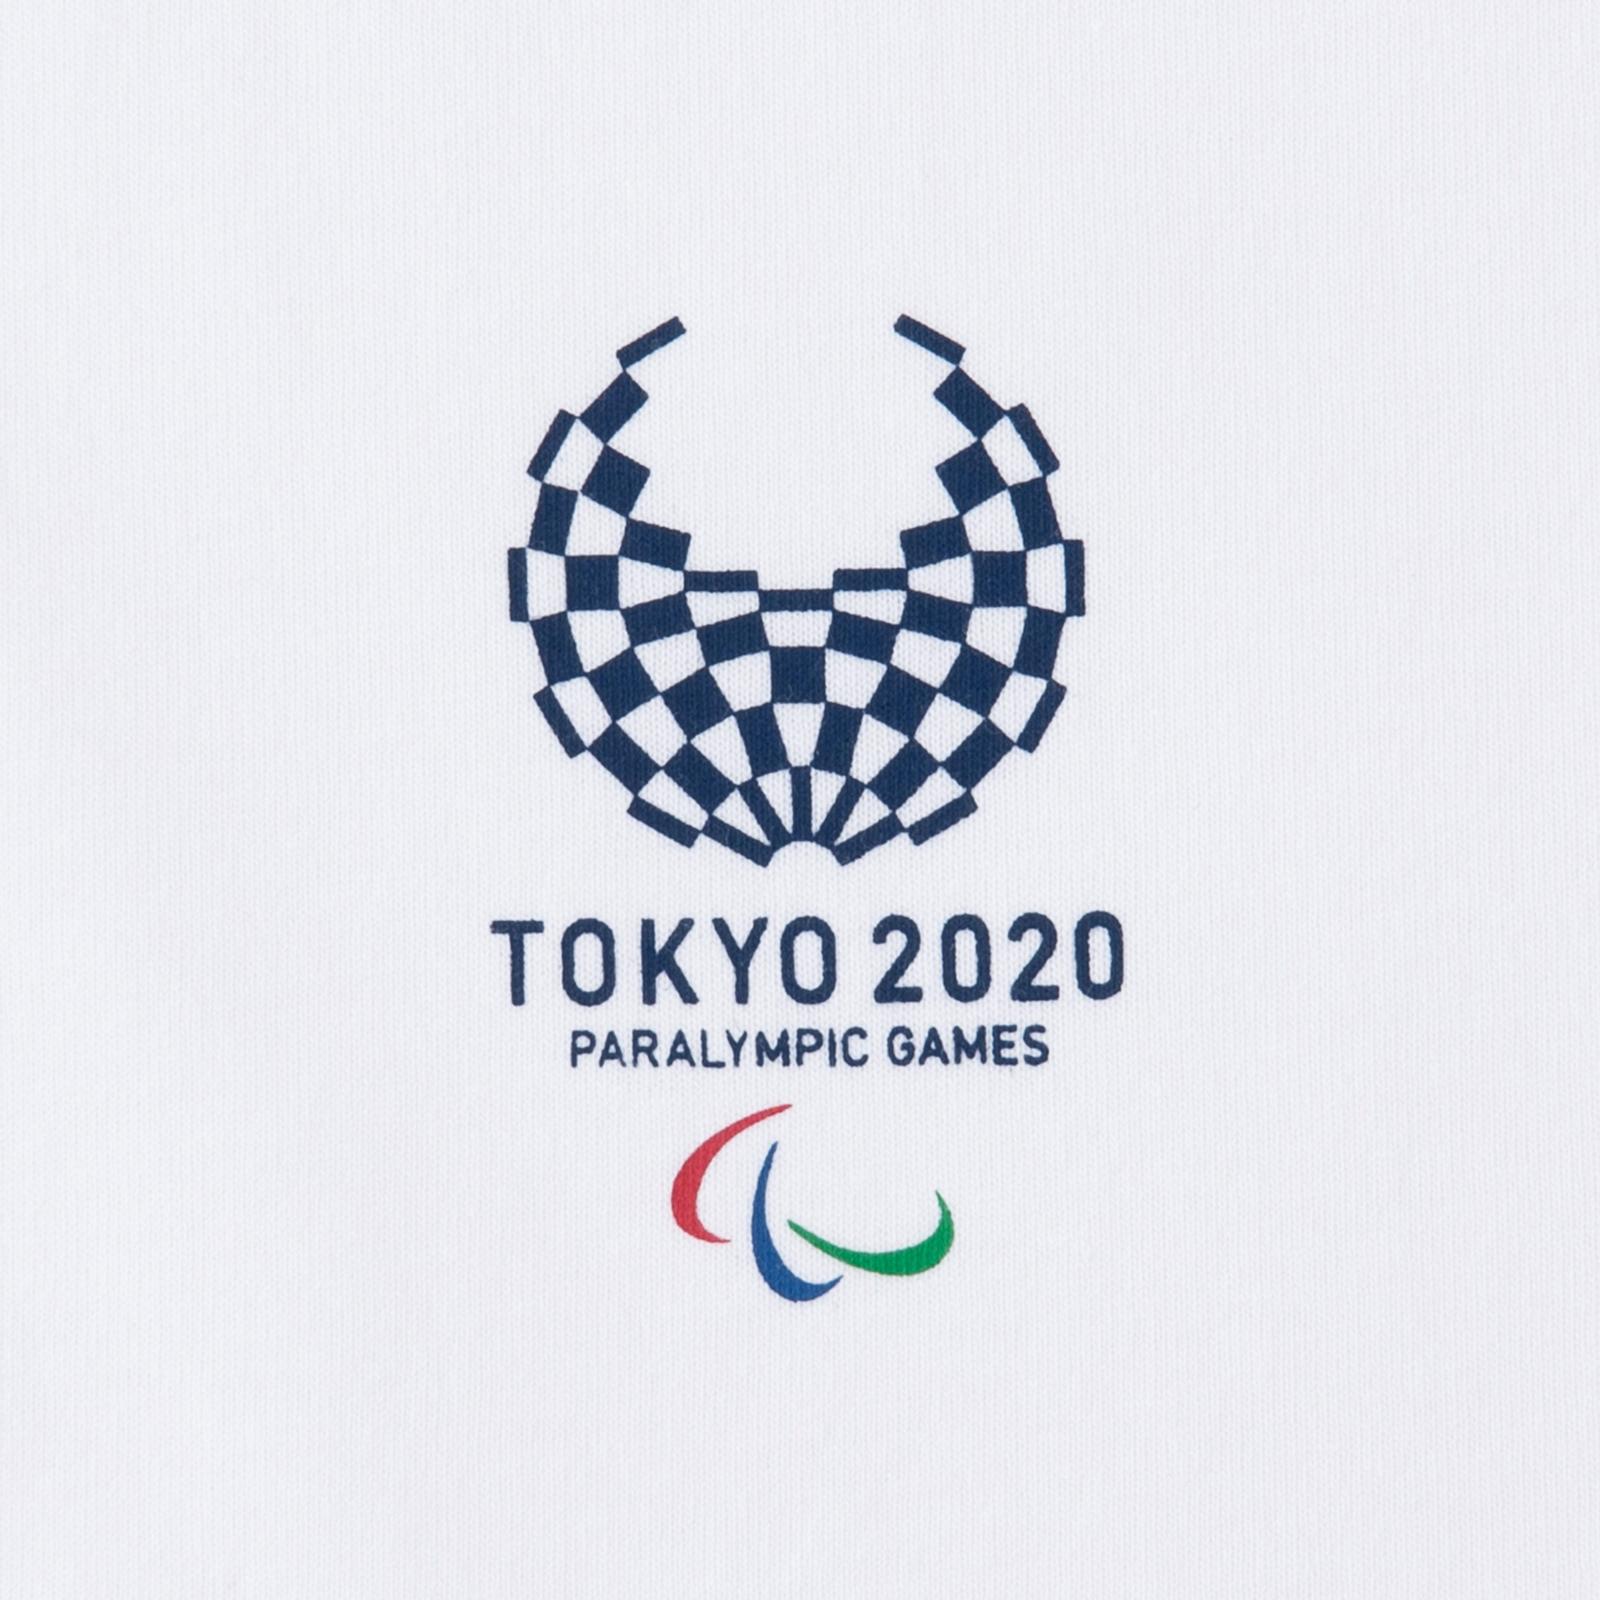 Tシャツ 自転車競技 トラック(東京2020パラリンピックスポーツピクトグラム)